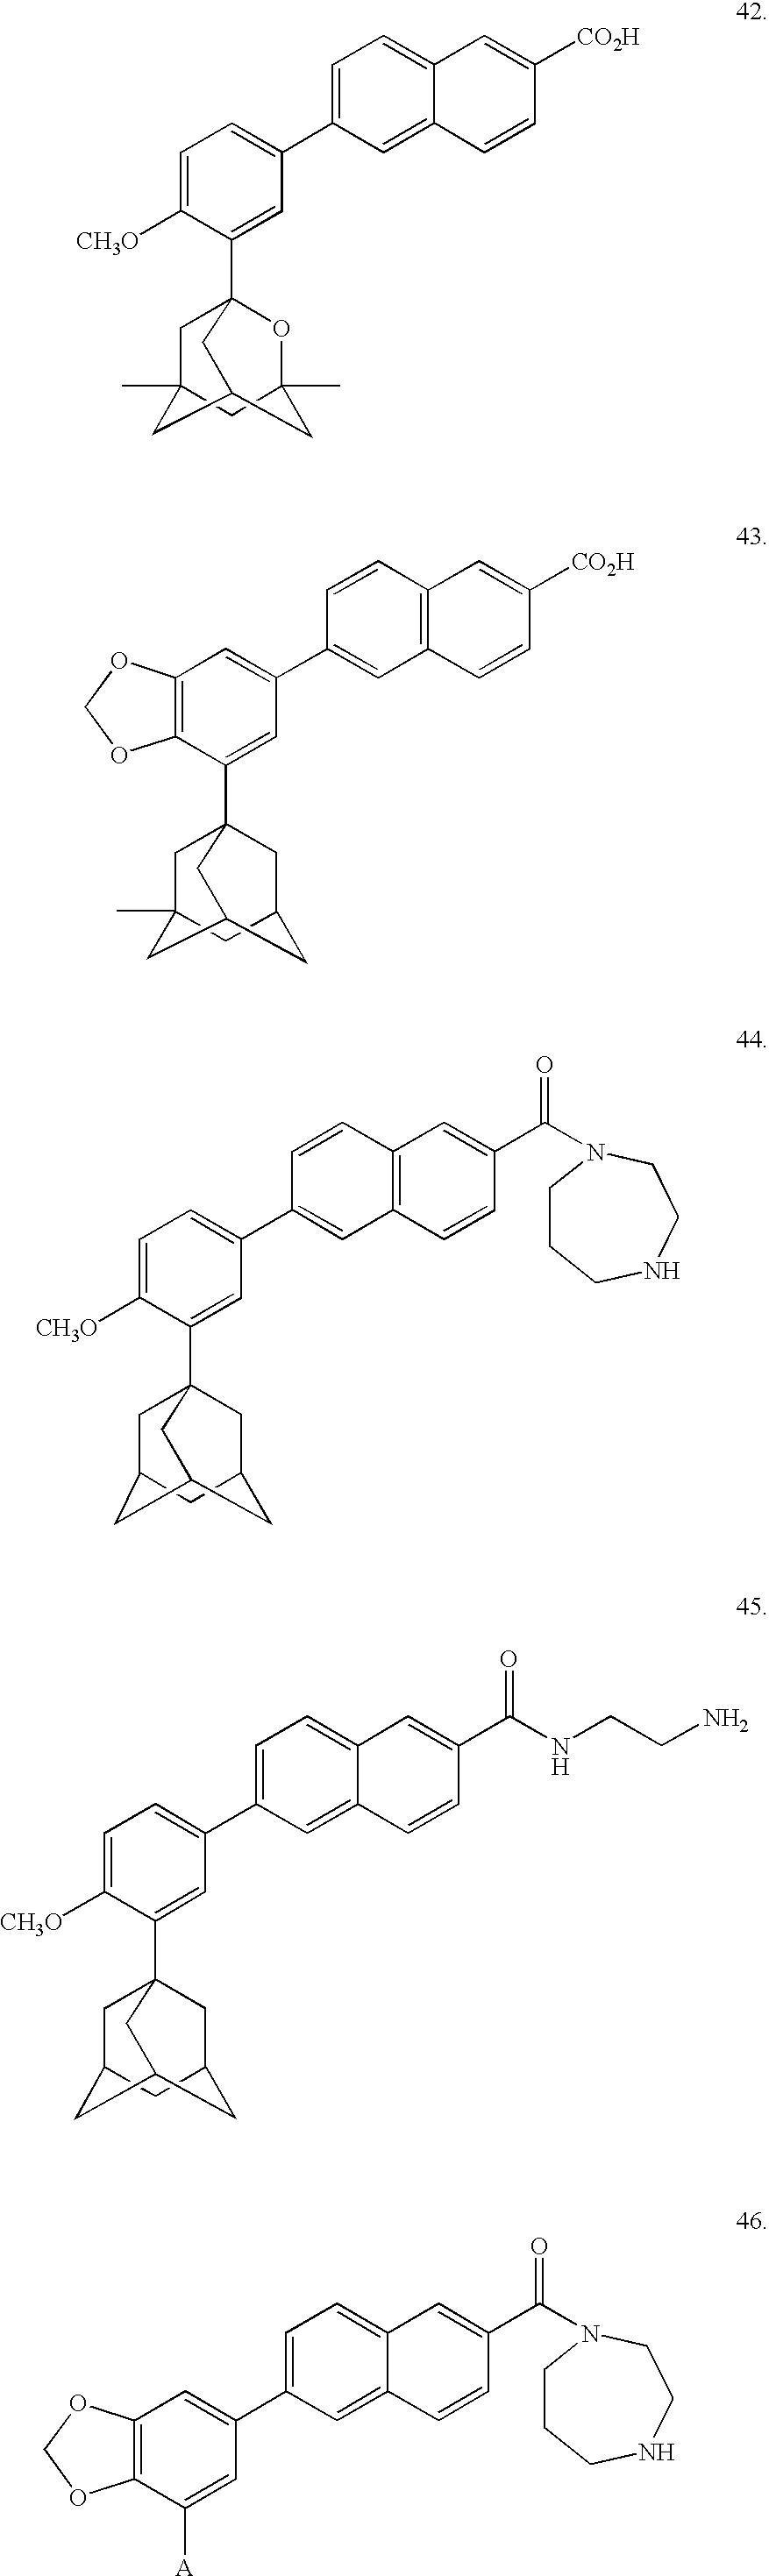 Figure US06462064-20021008-C00033